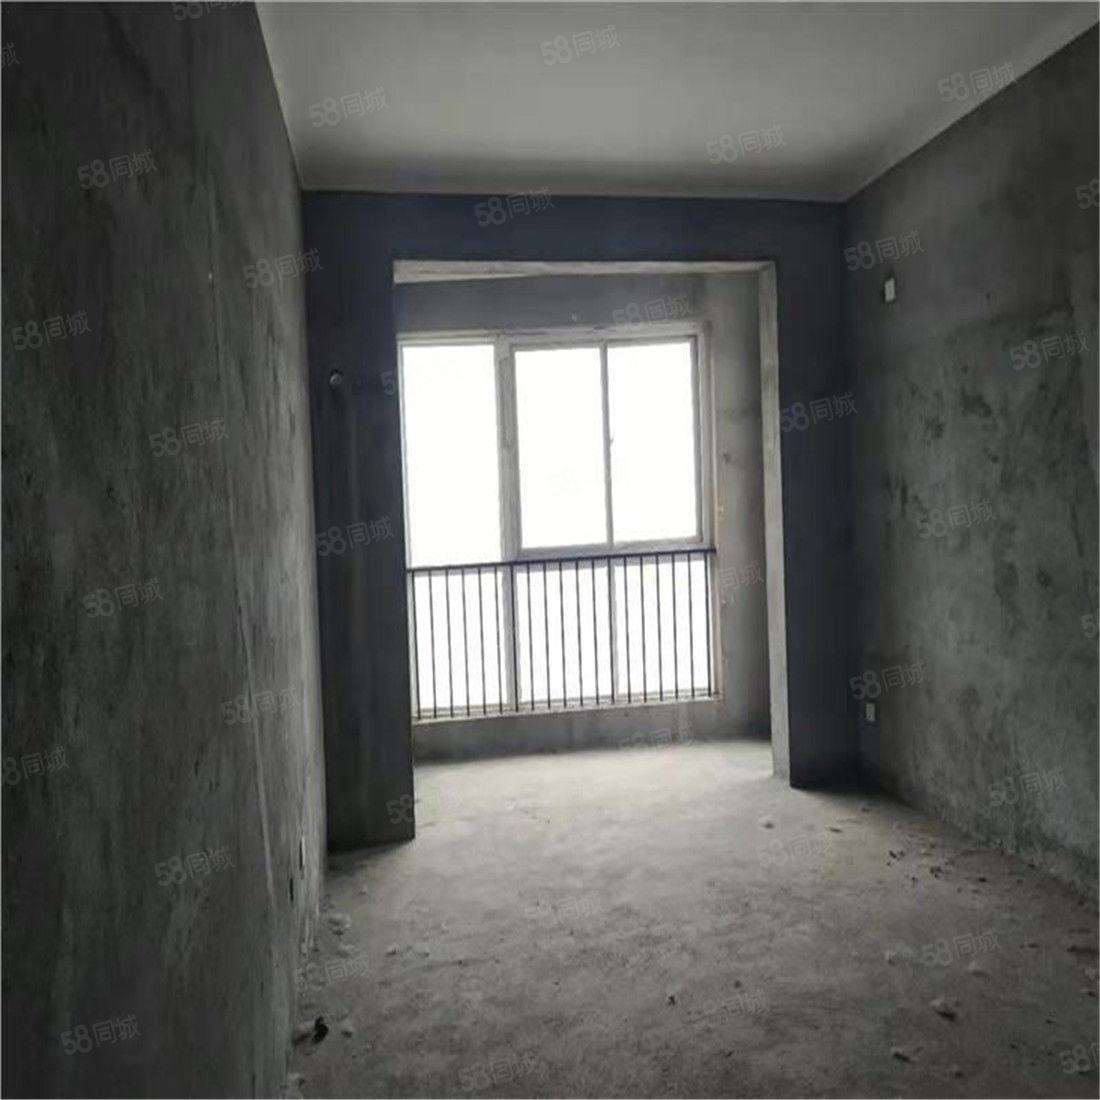 香榭丽舍南广场实验学校附近楼王毛坯大三房有证税满可按揭